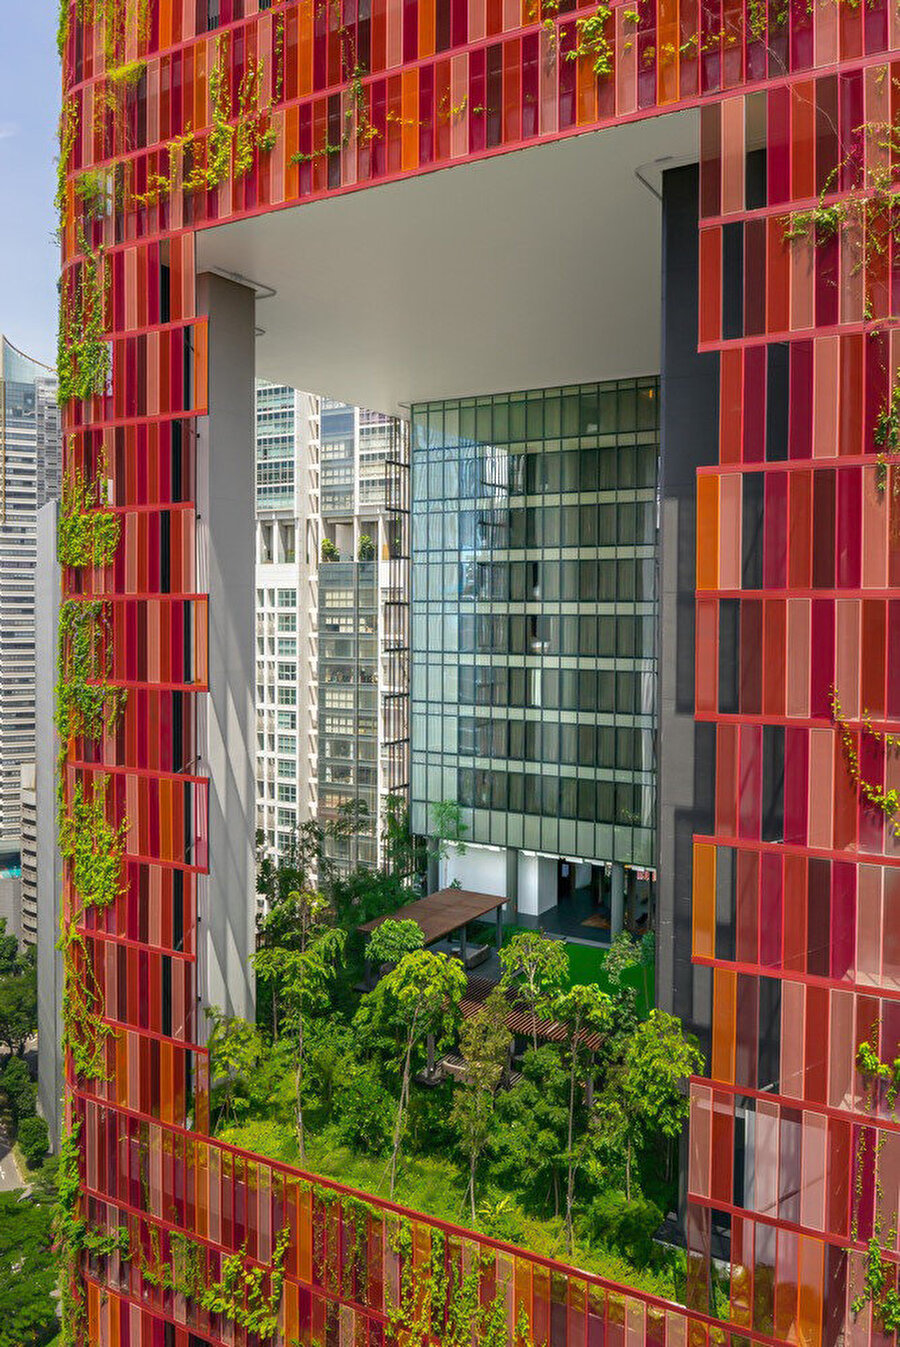 Peyzaj, mimari bir yüzey işlemi olarak da yaygın olarak kullanılıyor.